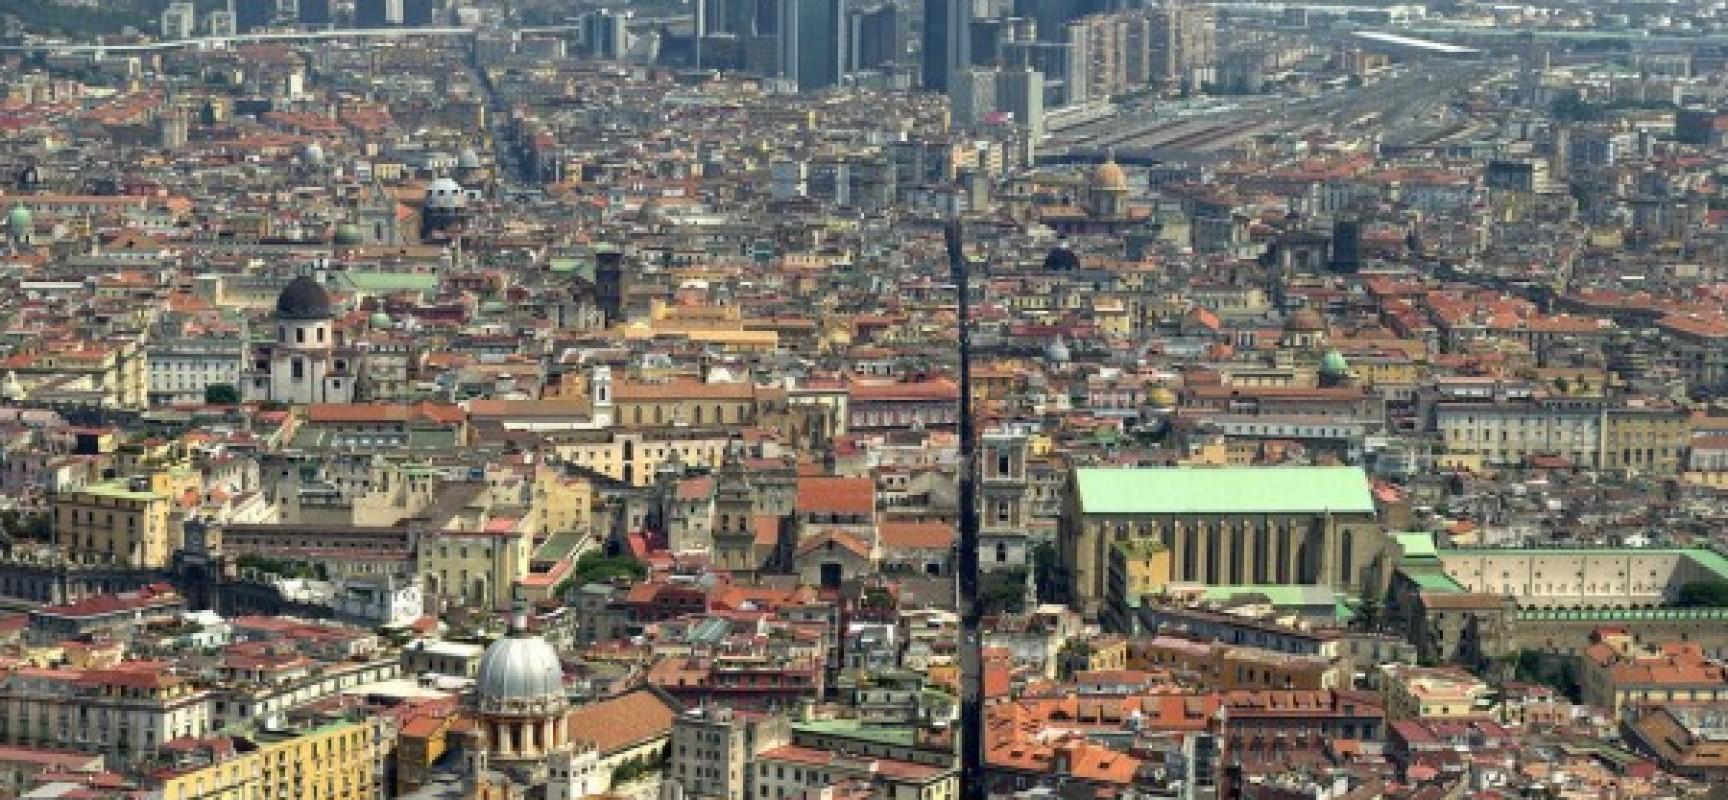 Napoli sempre capitale, intervista a Luciano Garella